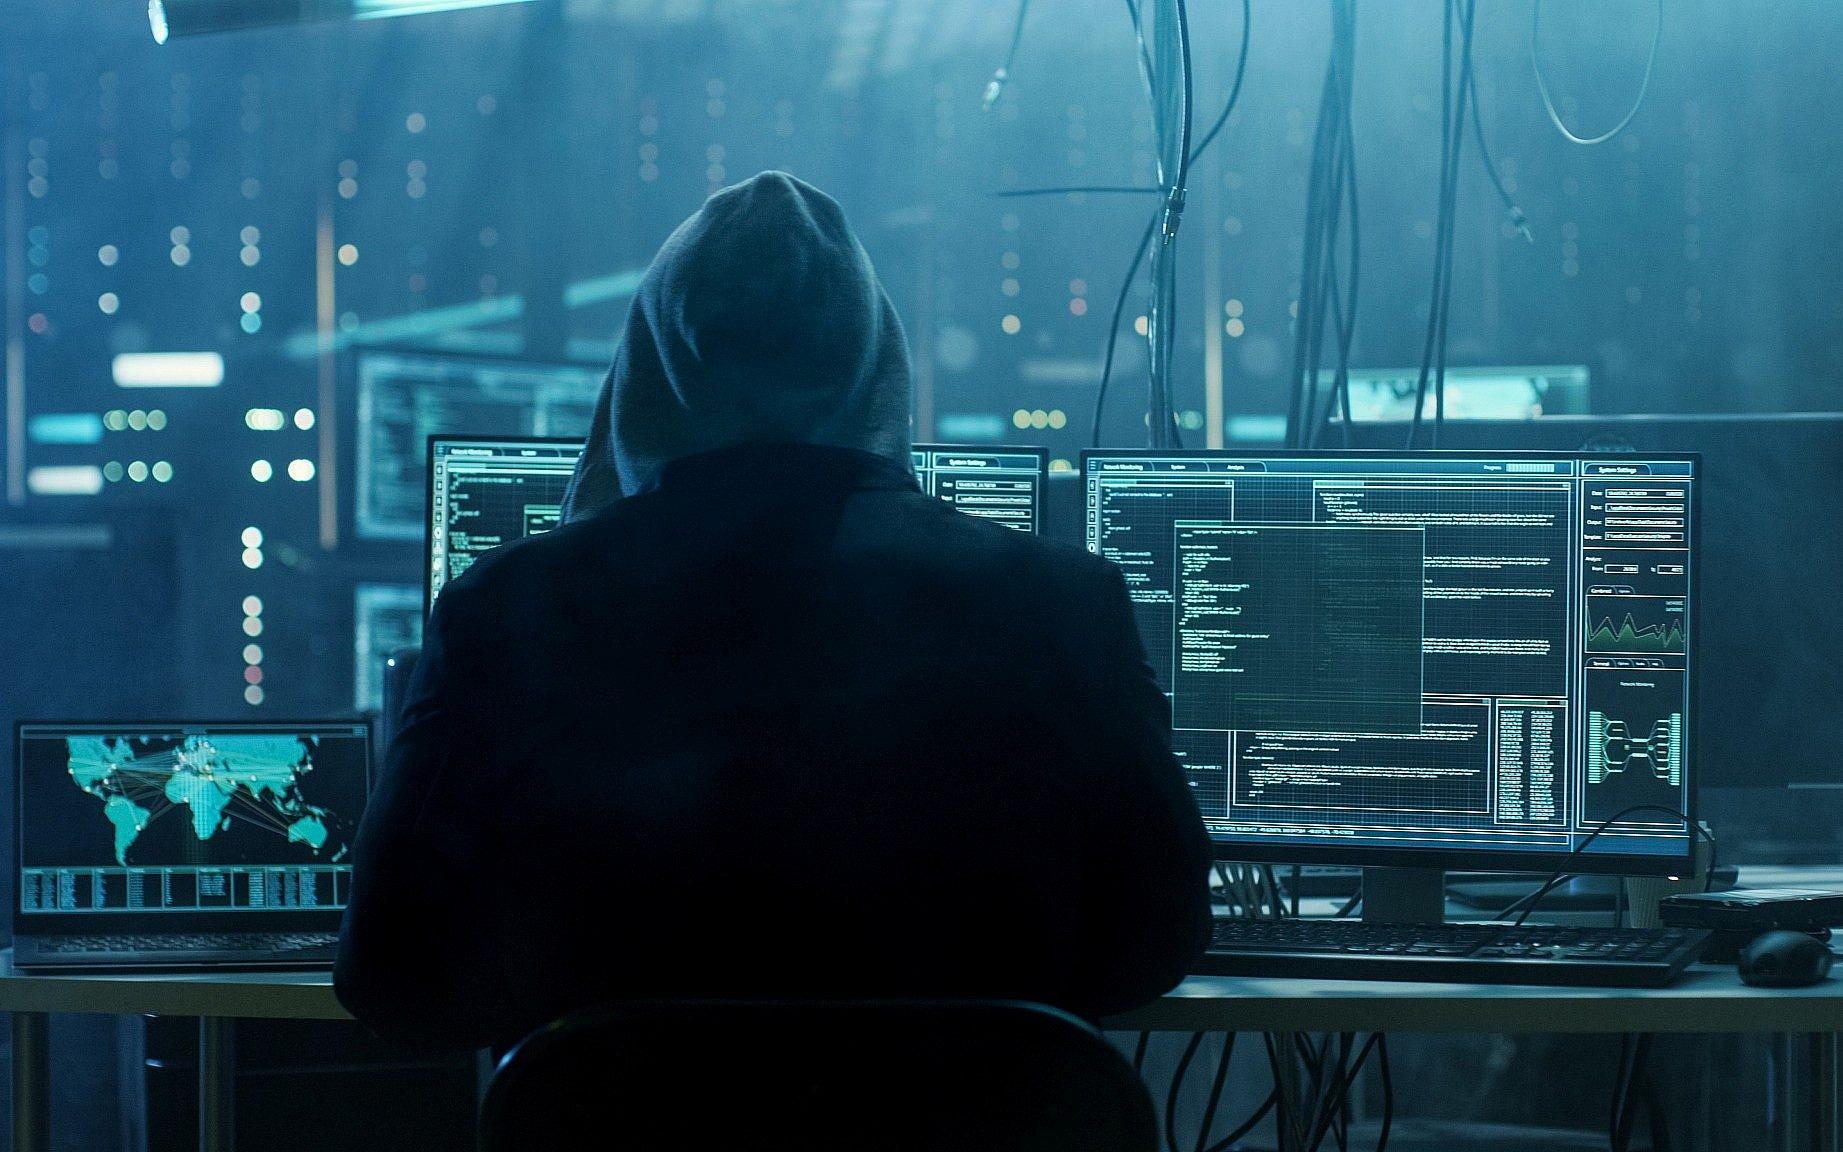 Хакеры используют 0-day уязвимость в Pulse Secure VPN для атак на оборонных подрядчиков США